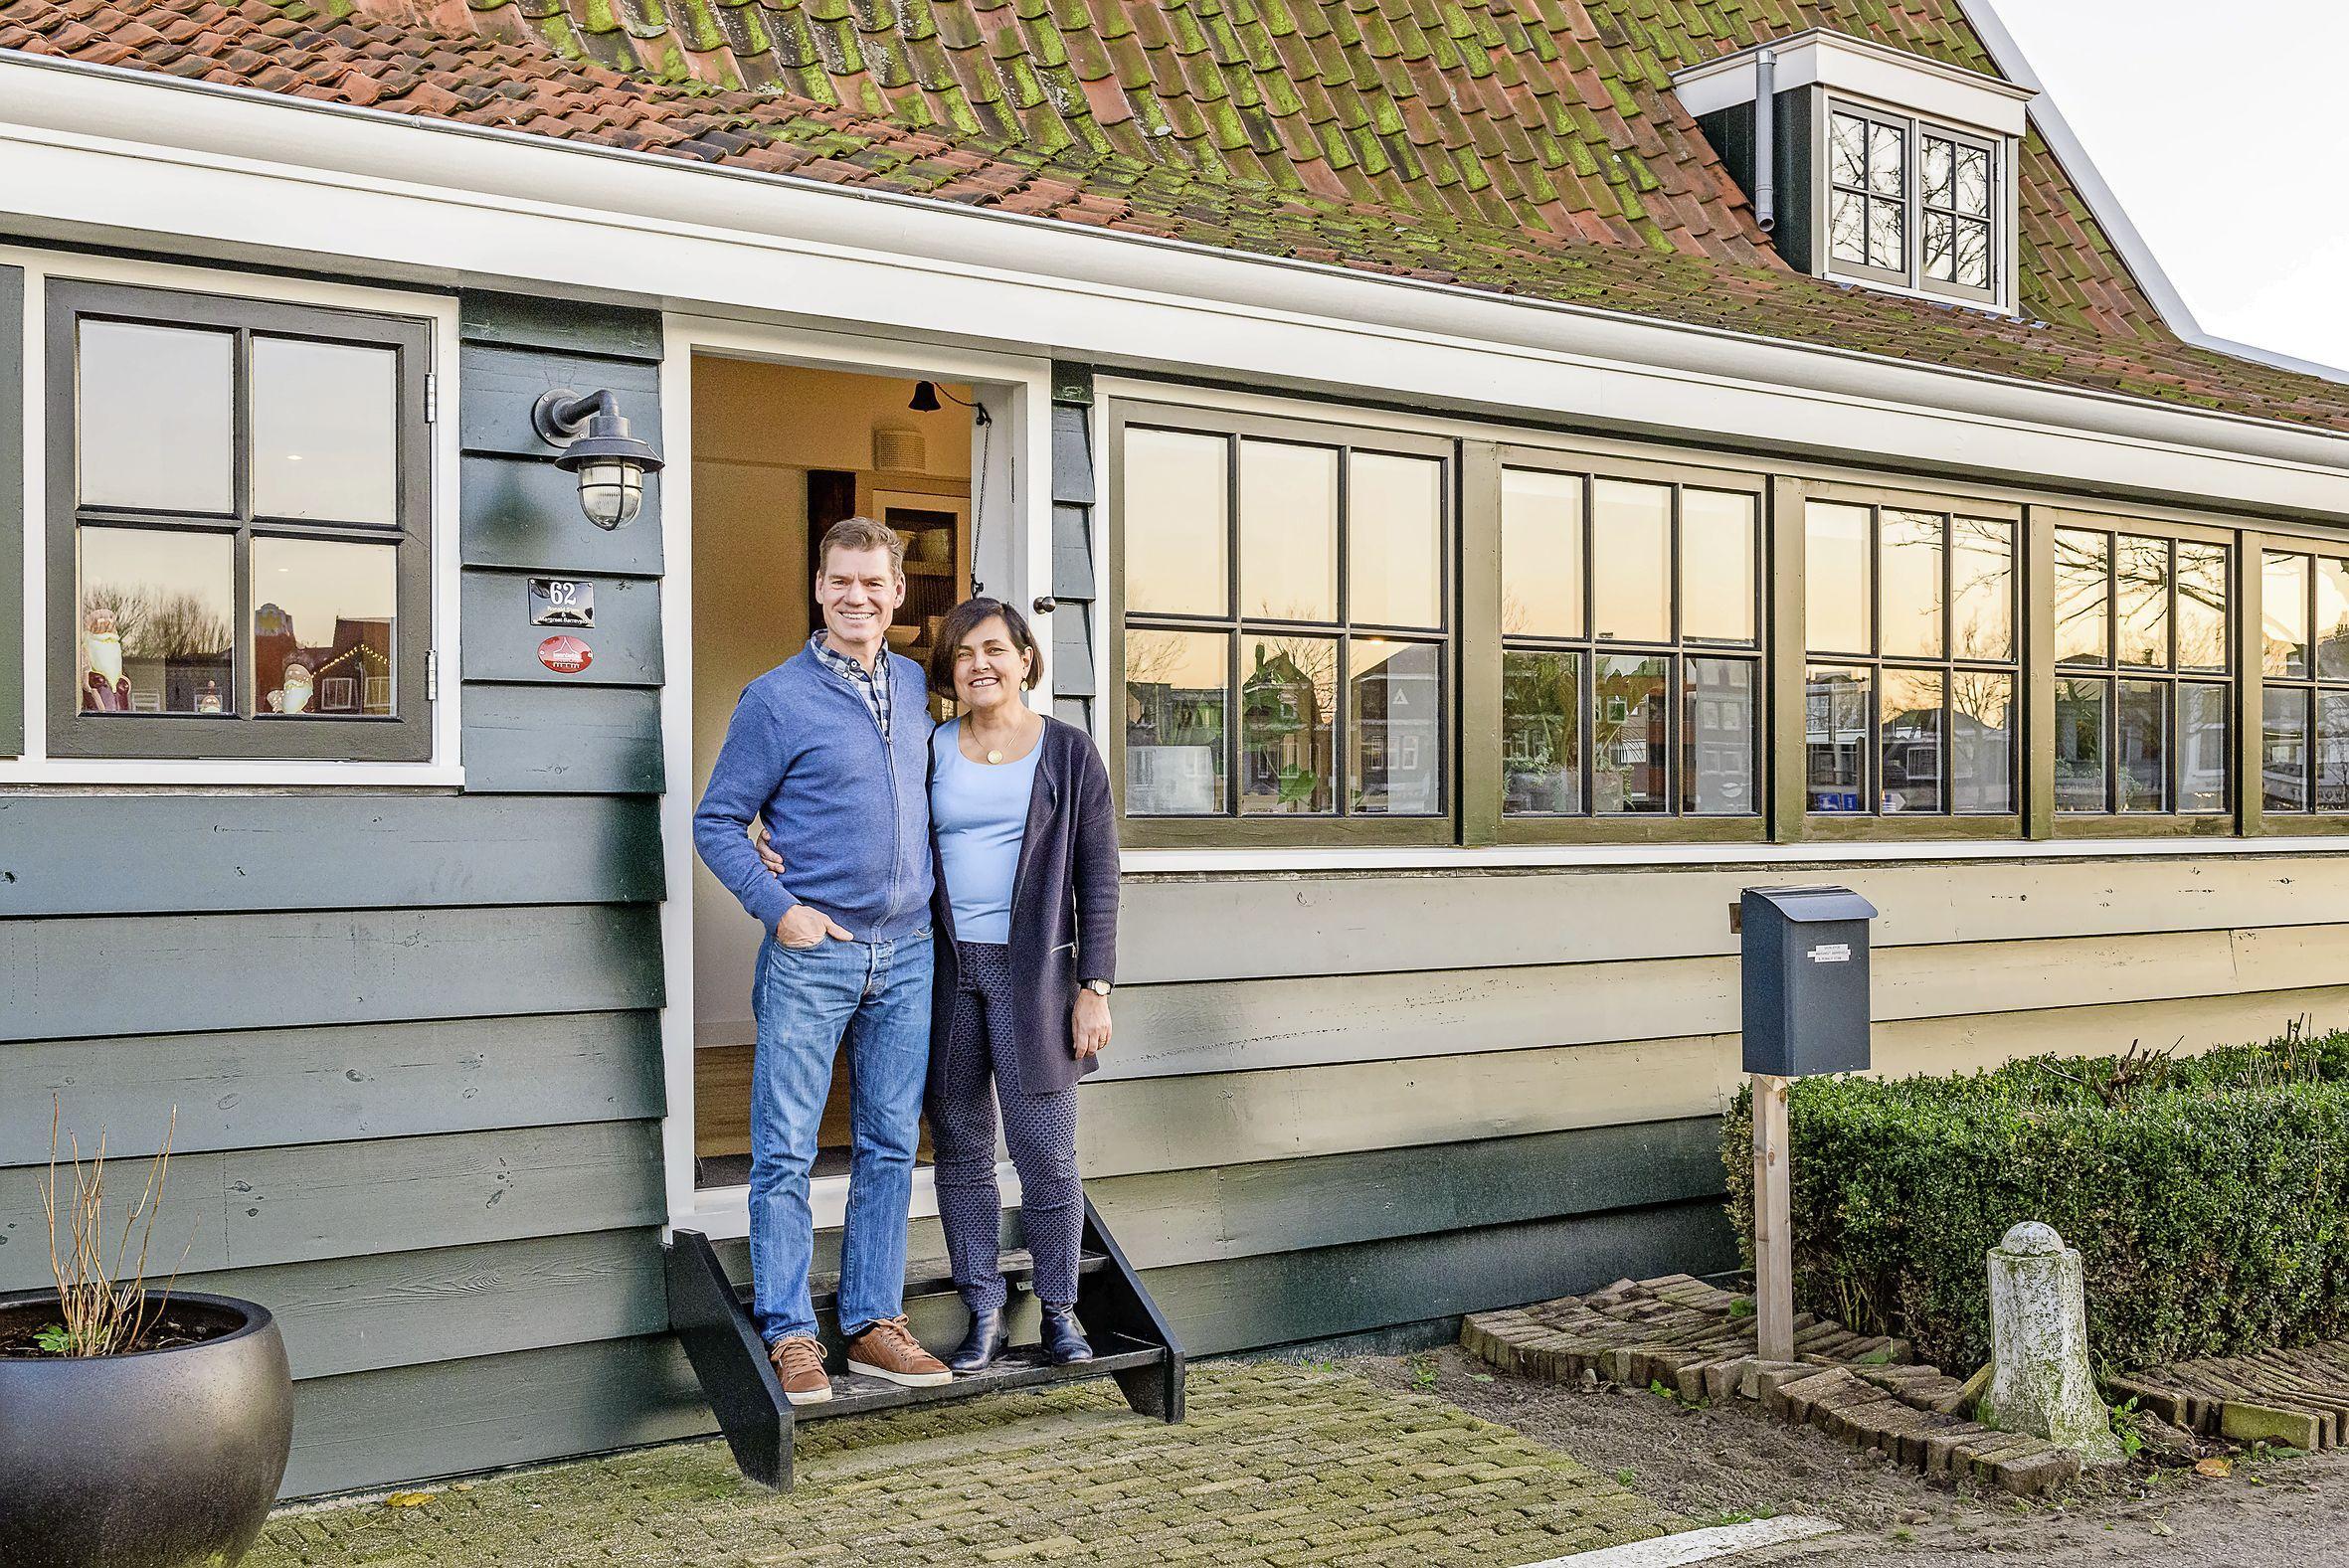 Vakantieparken zien reserveringen binnenstromen, ook bij Landal Volendam en kleinere B&B's: 'We zaten een jaar thuis, een vakantie mag wel weer'